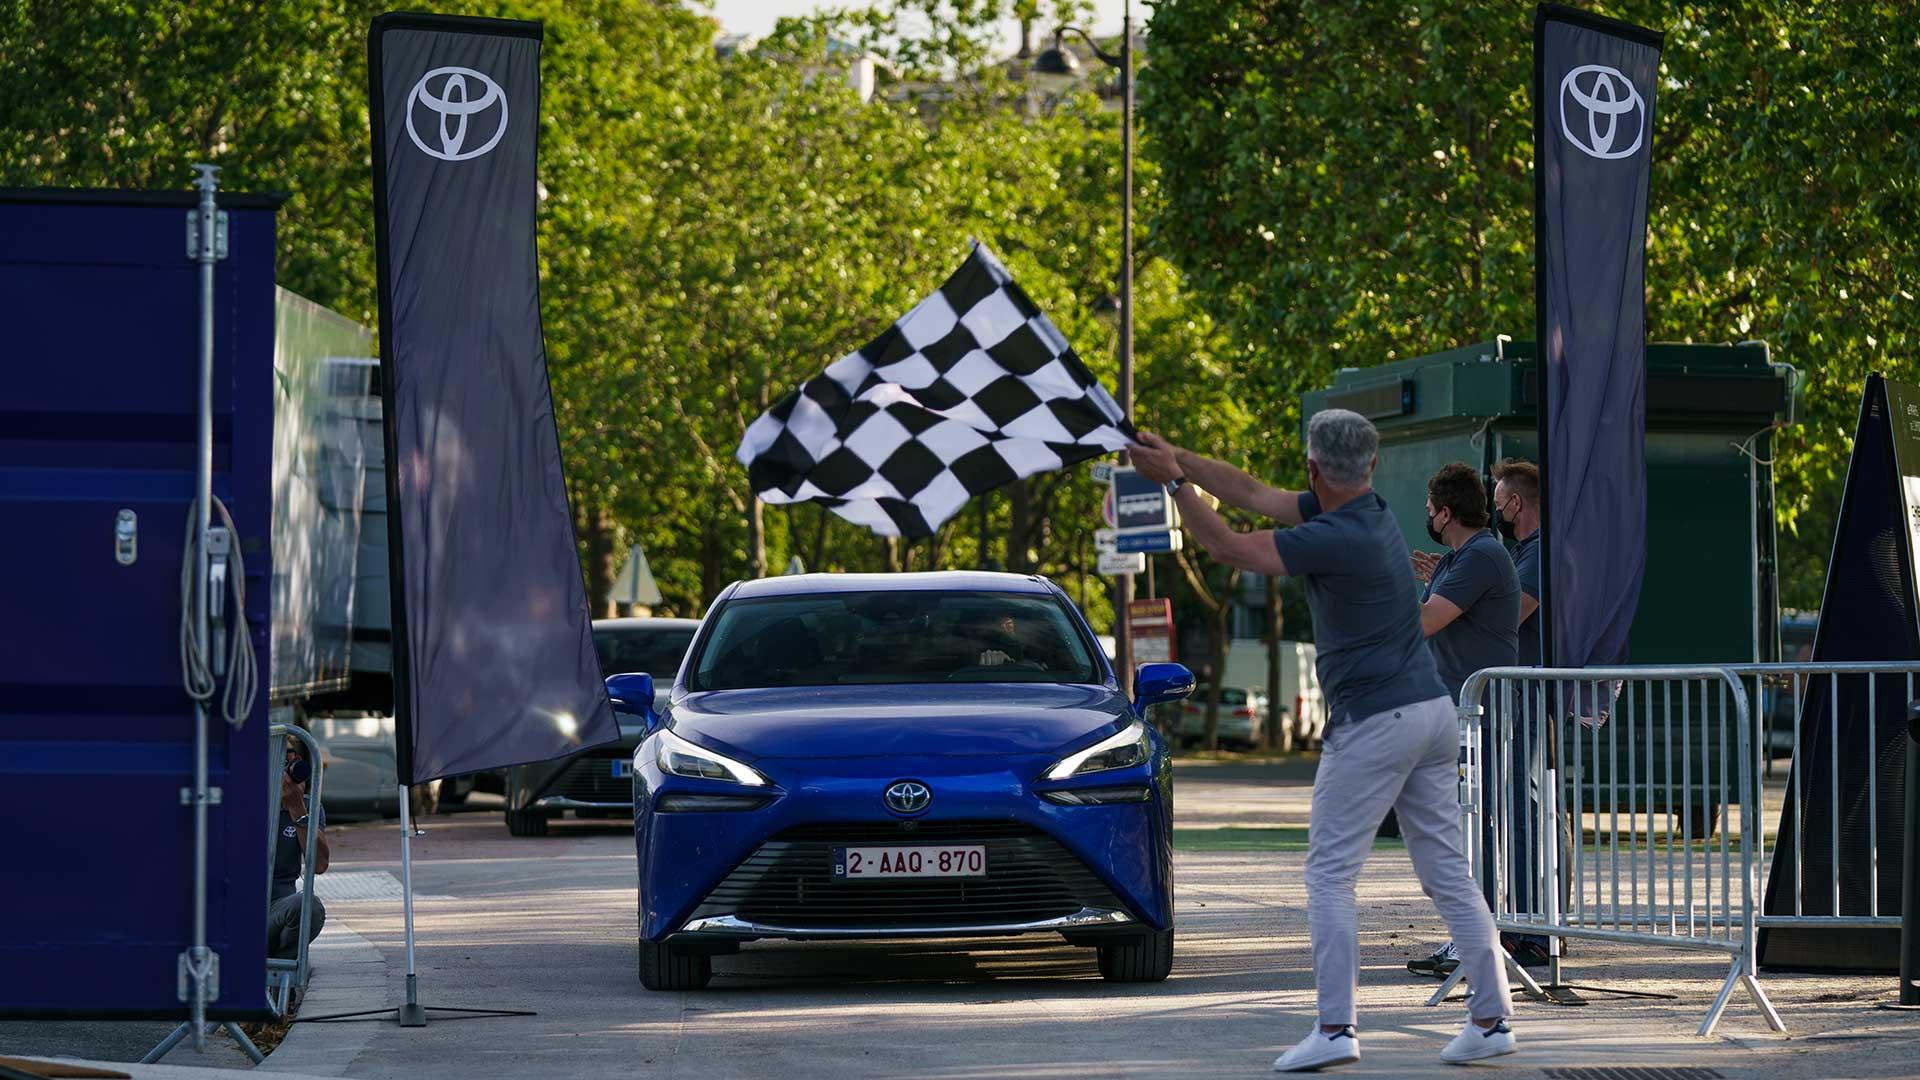 El nuevo Toyota Mirai 2021, récord mundial de autonomía para un coche de hidrógeno: más de 1.000 kilómetros